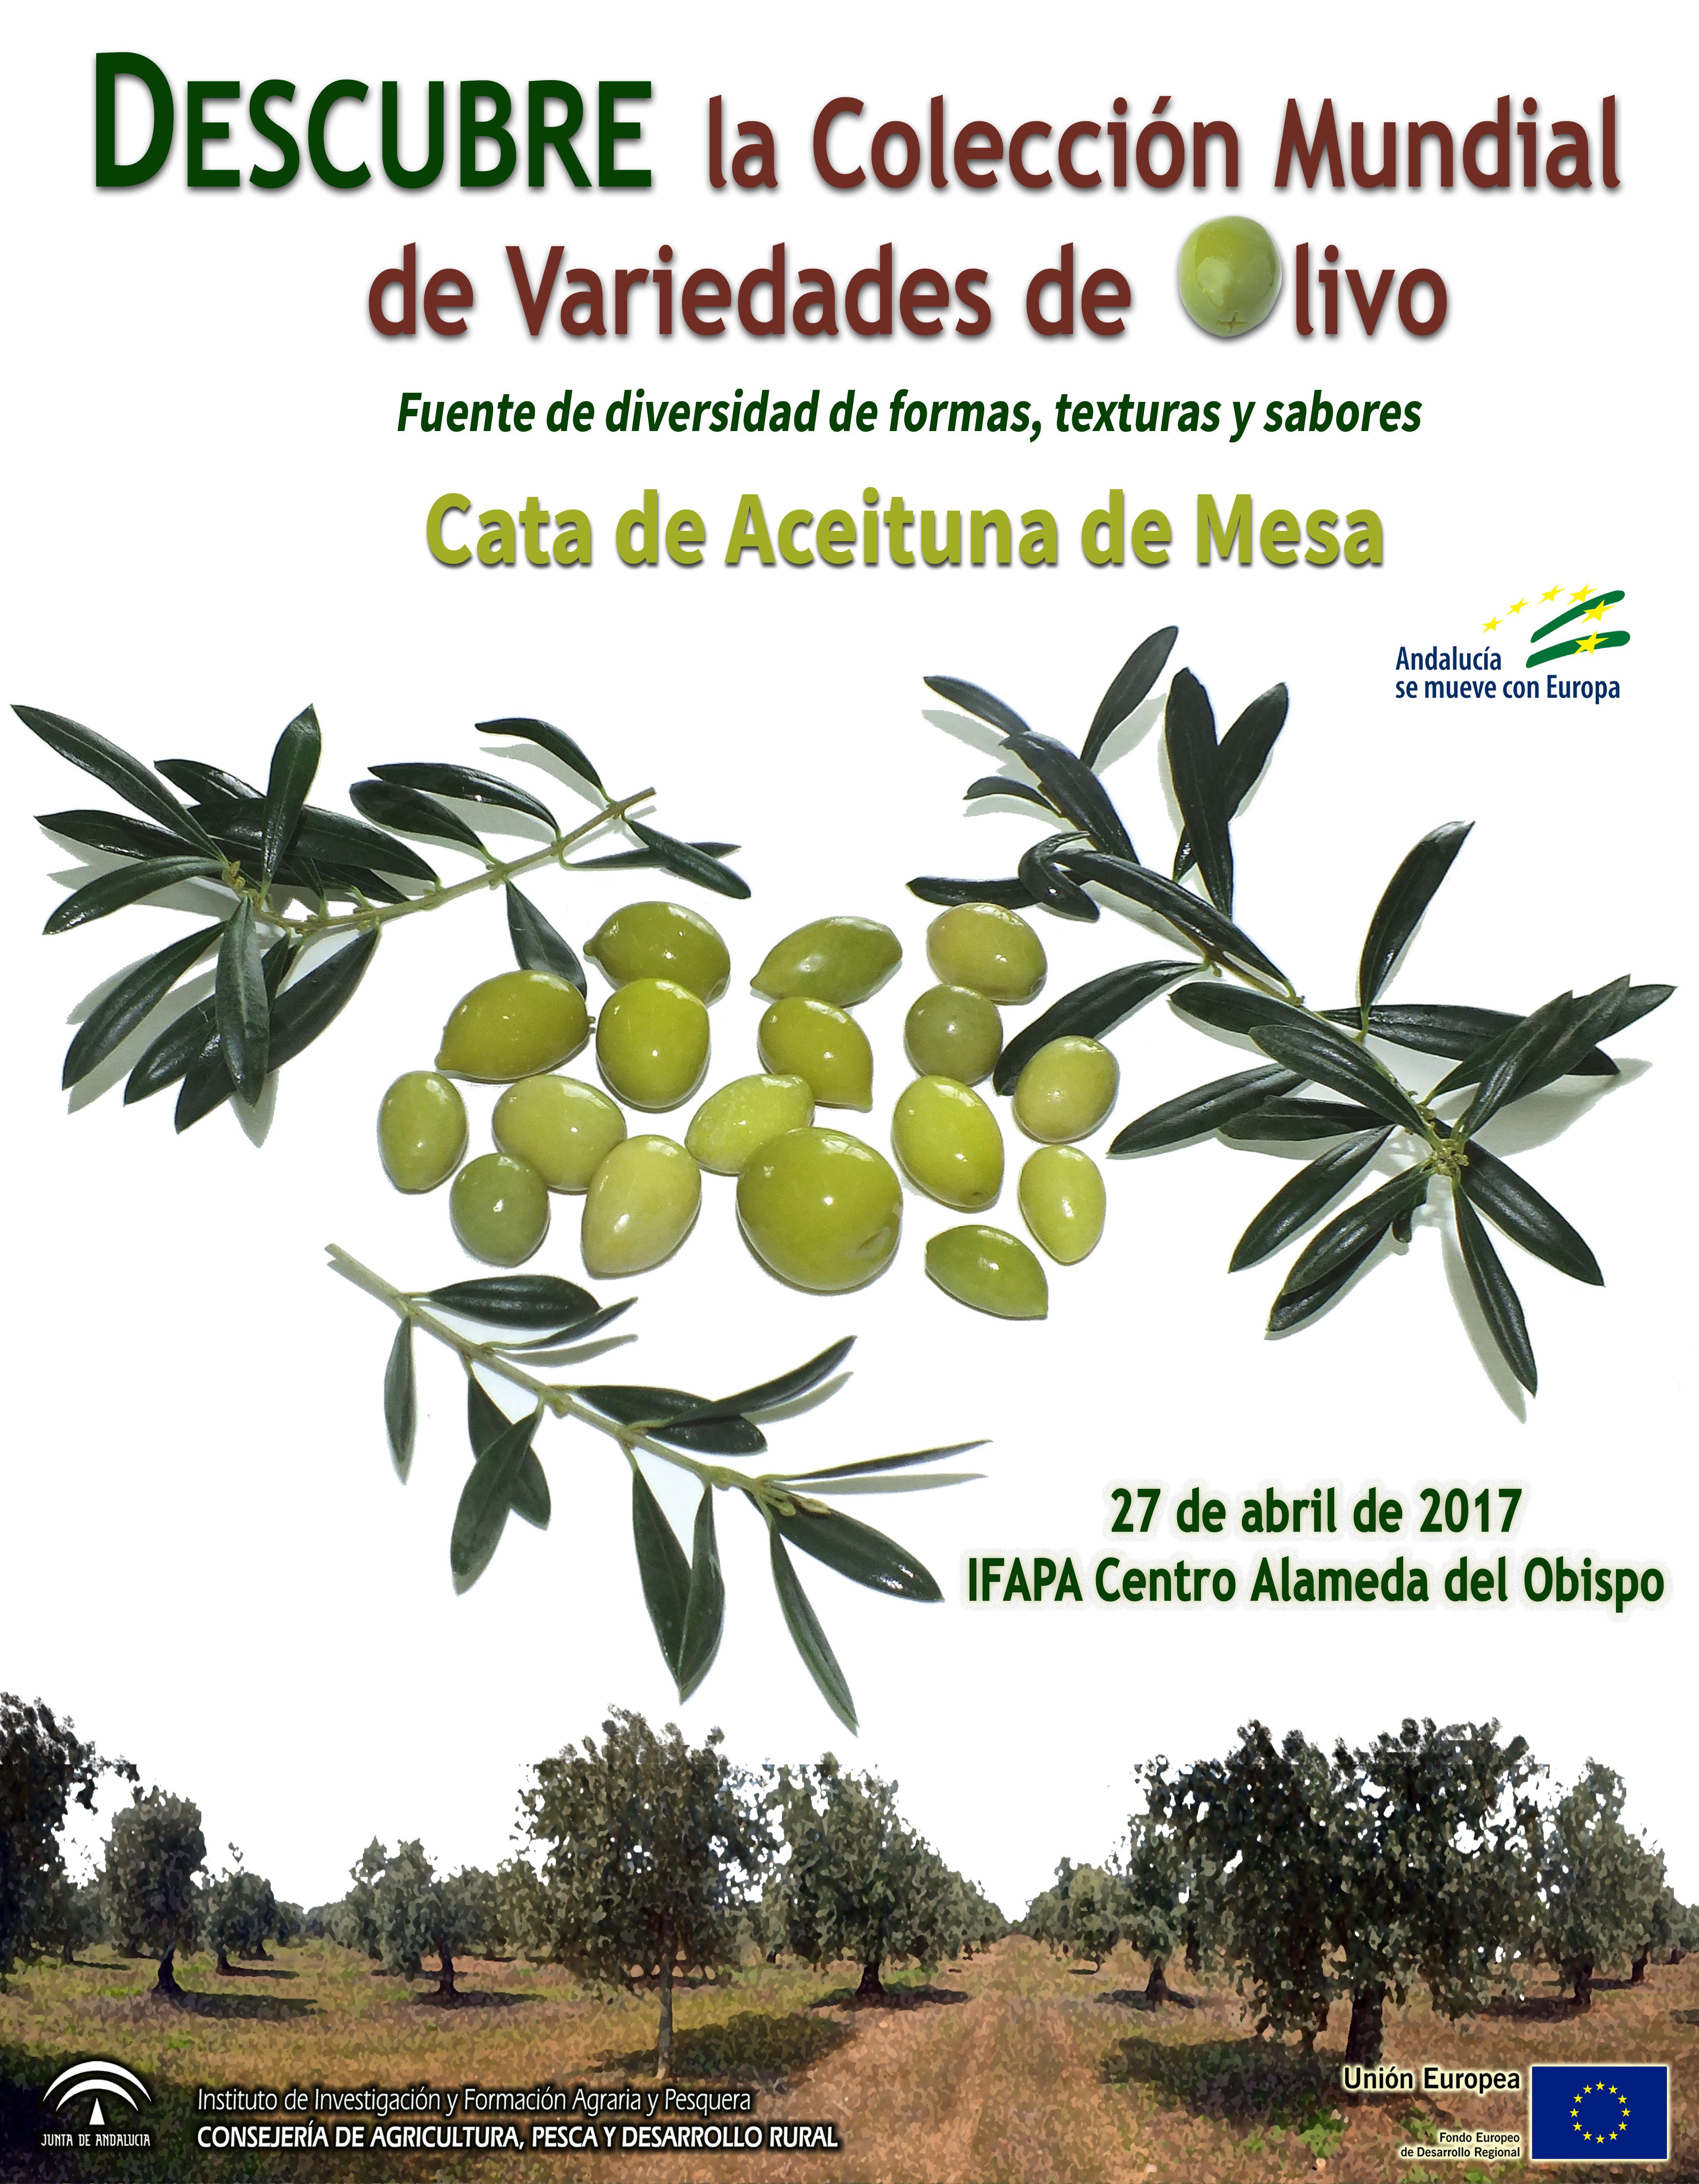 Jornada de Cata de Aceituna de Mesa de Variedades de la Colección Mundial de Variedades del Olivo